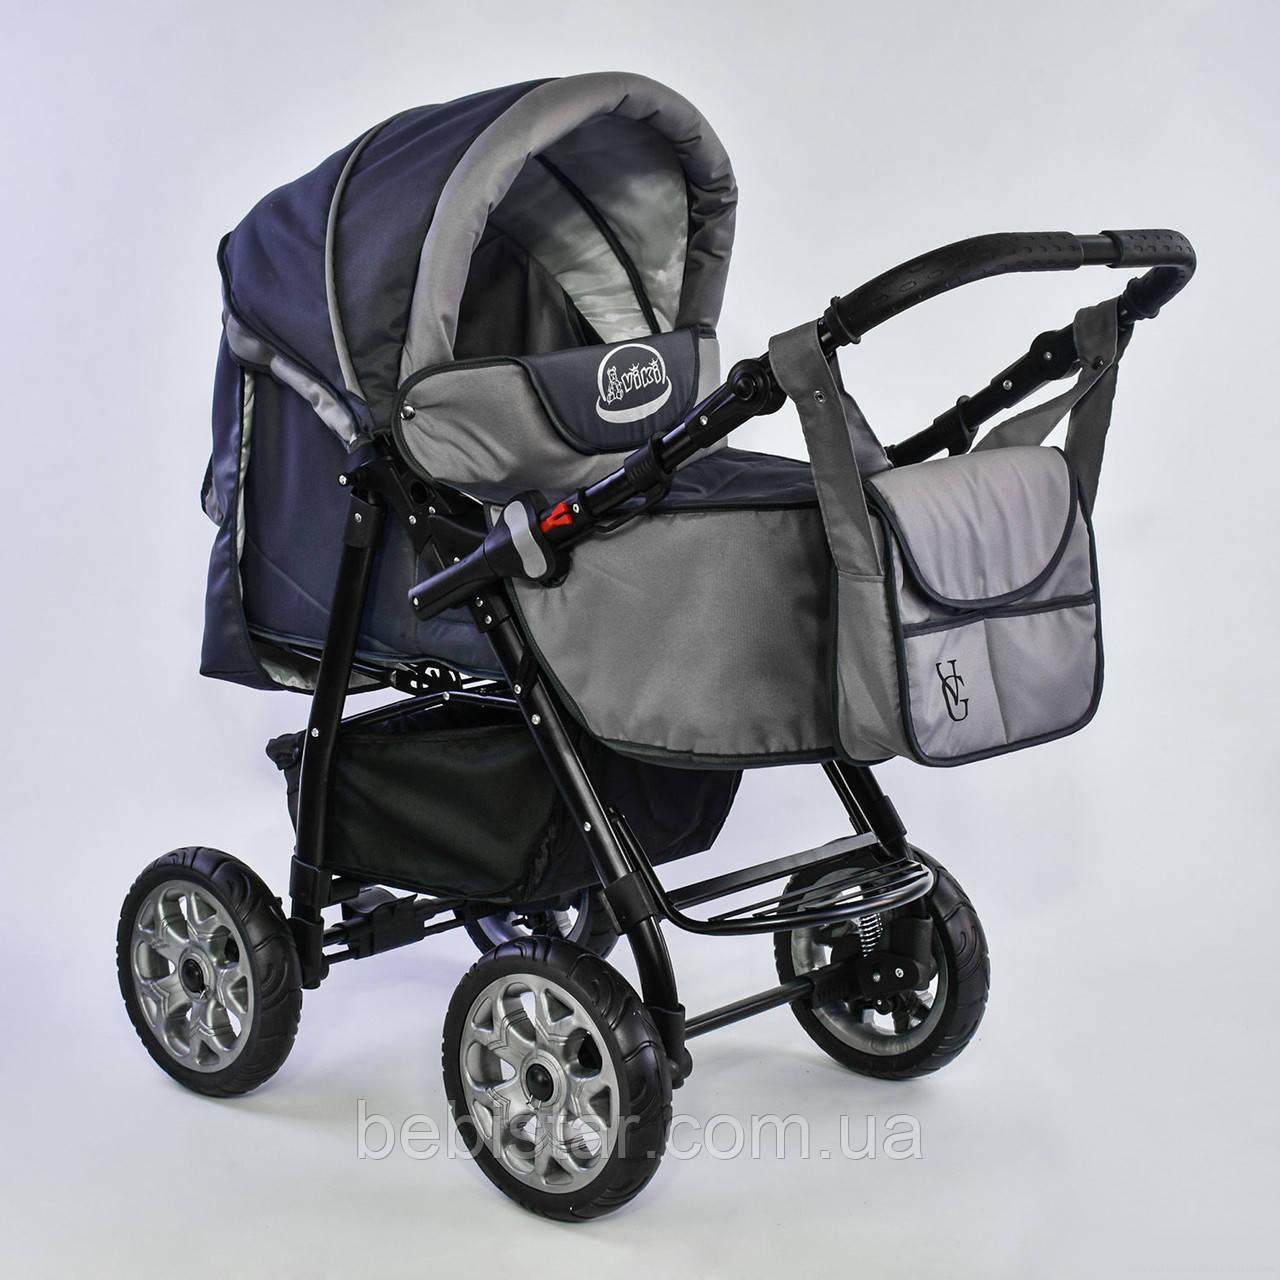 Дитяча коляска-трансформер 2в1 сіра Viki 86 Karina дощовик сумка люлька-переноска для немовлят